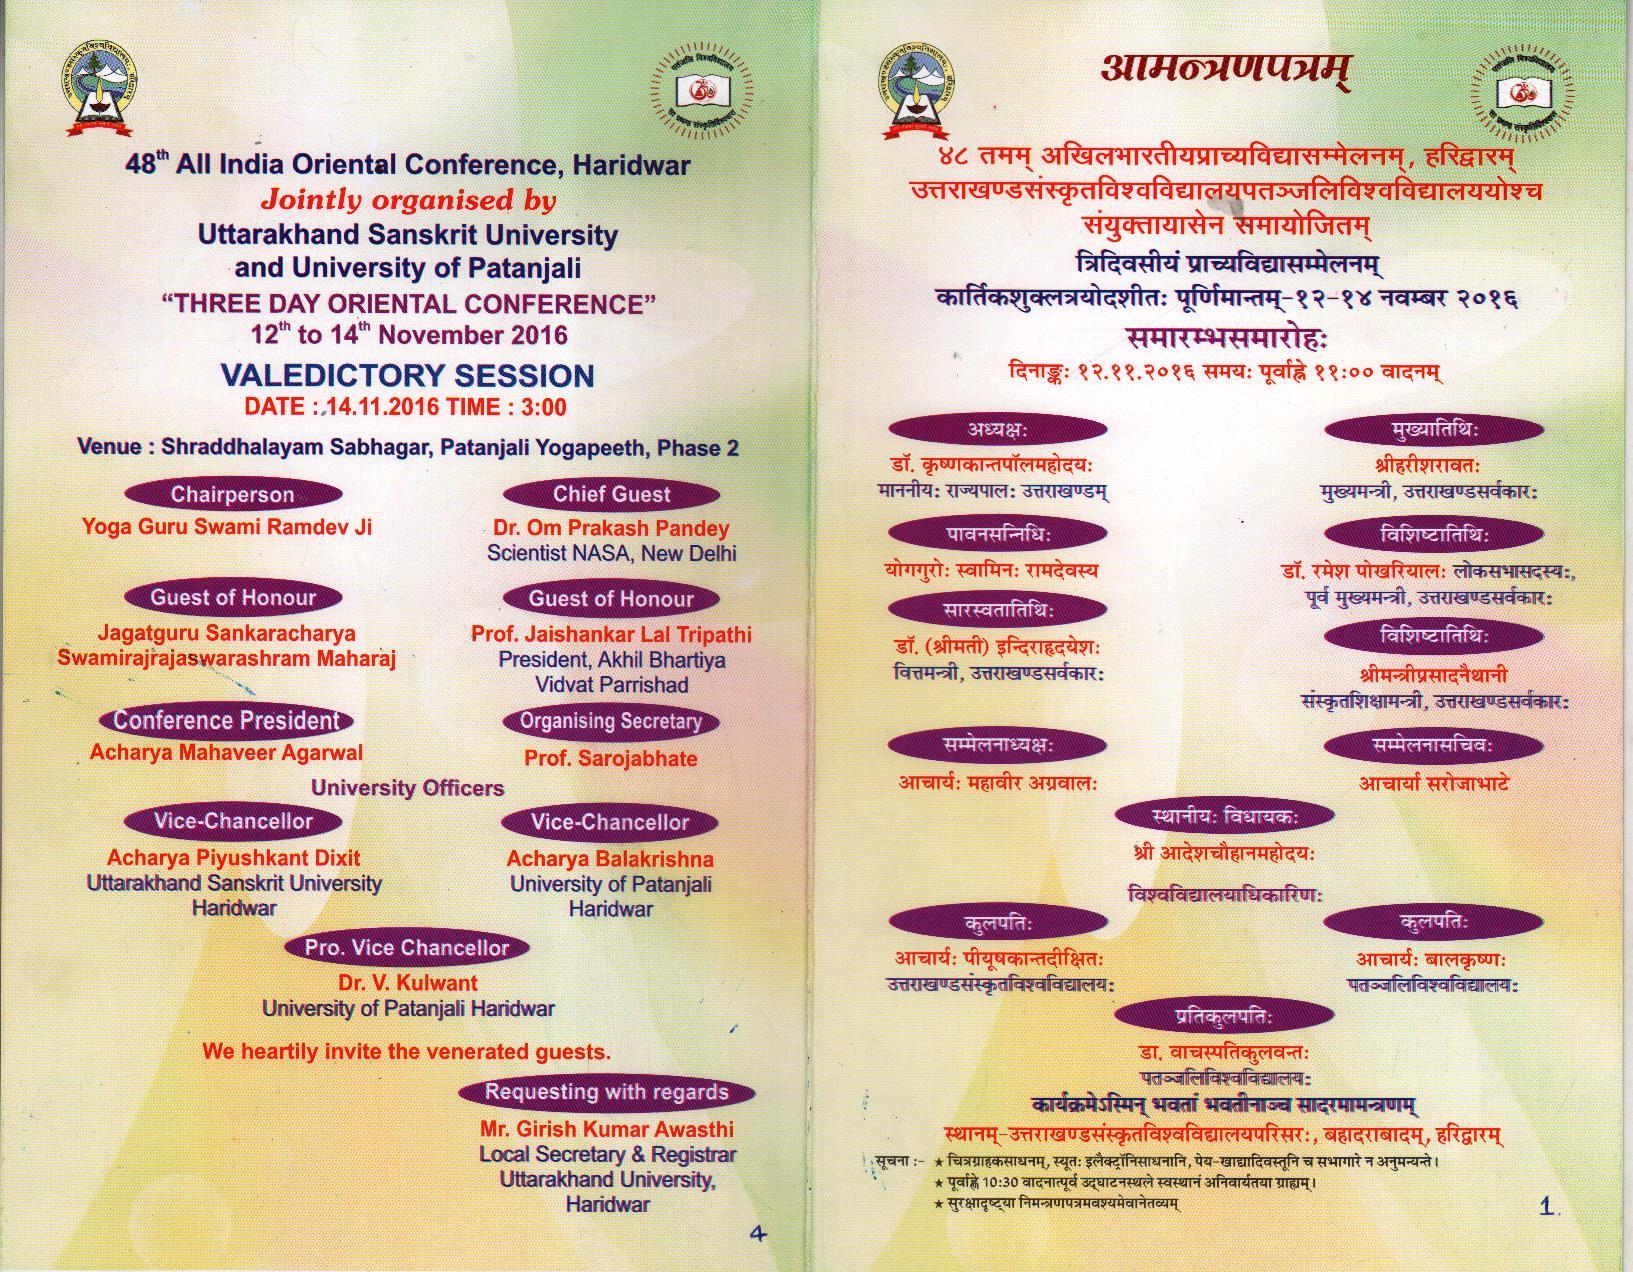 Uttarakhand sanskrit university invitation letter part 1 stopboris Gallery